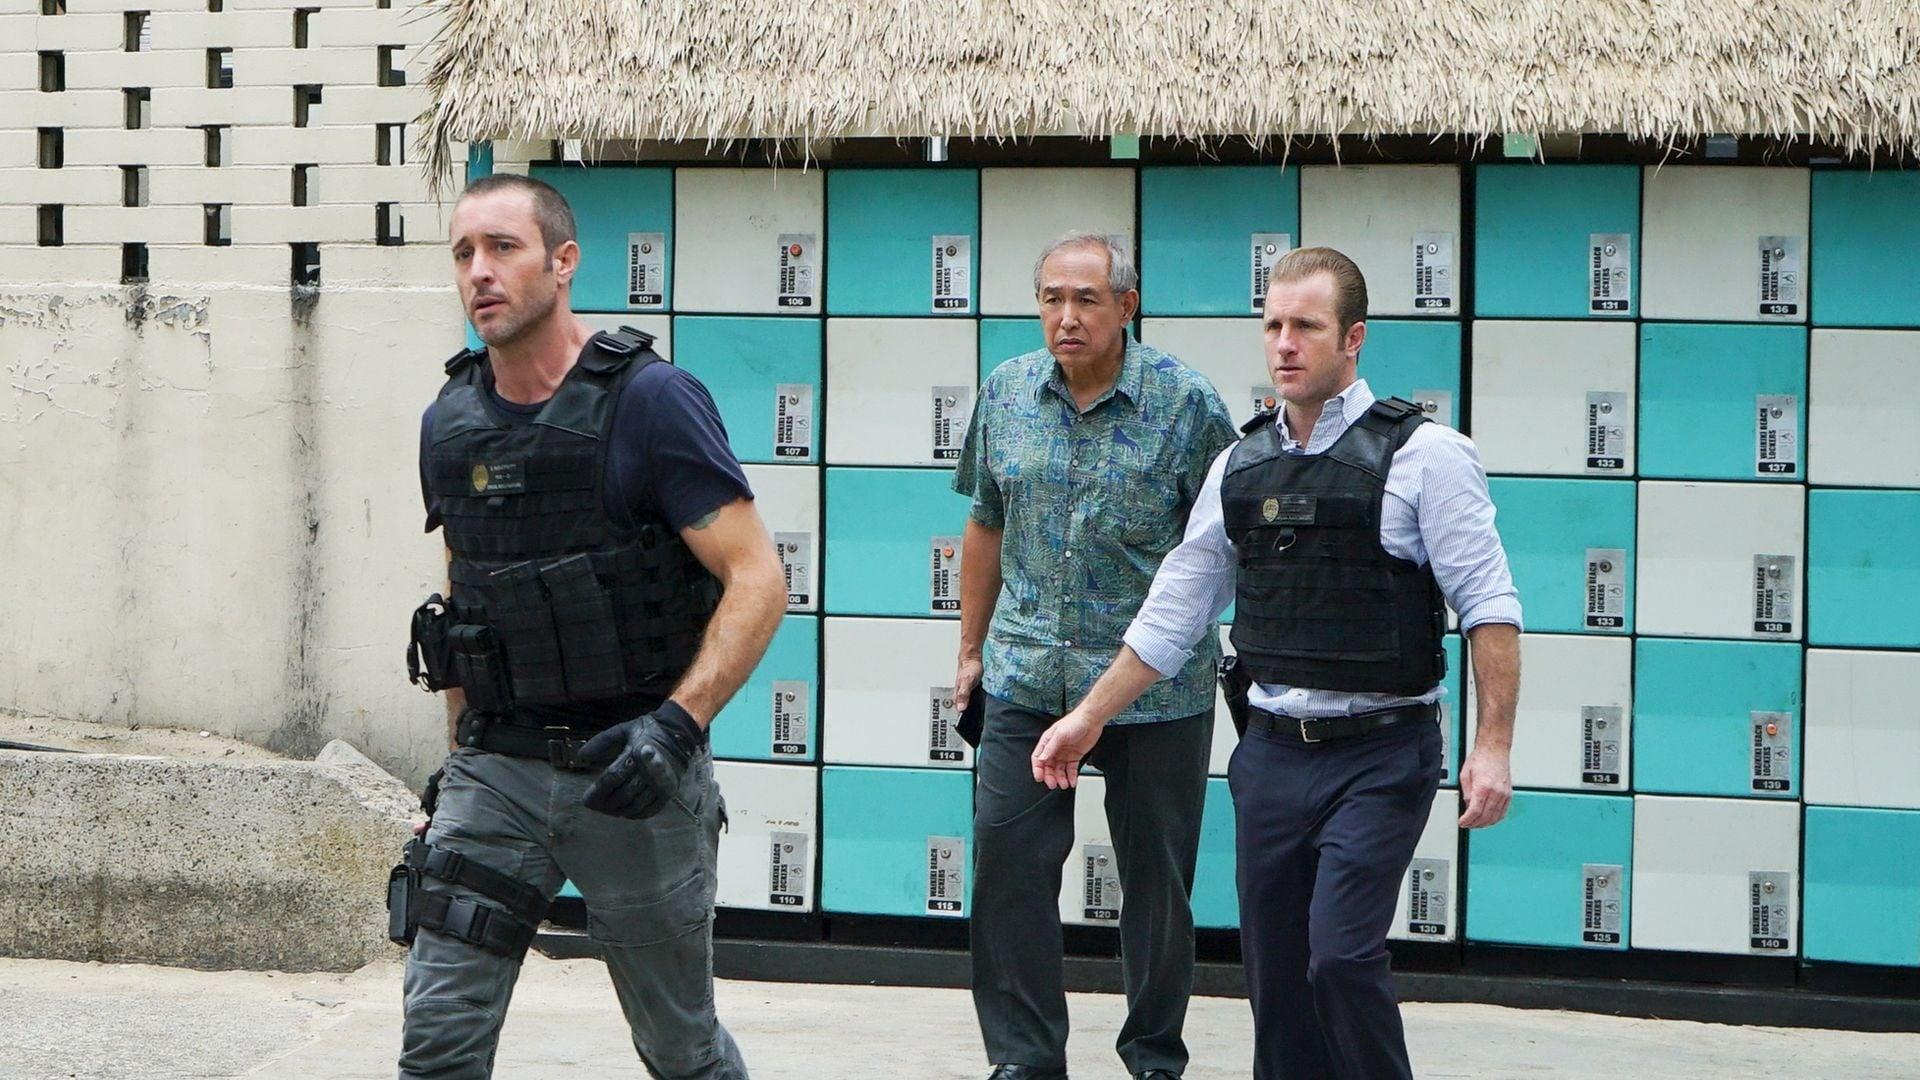 Hawaii Five-0 - Season 8 Episode 22 : Kopi wale no i ka i'a a 'eu no ka ilo (Though the Fish is Well Salted, the Maggots Crawl.)